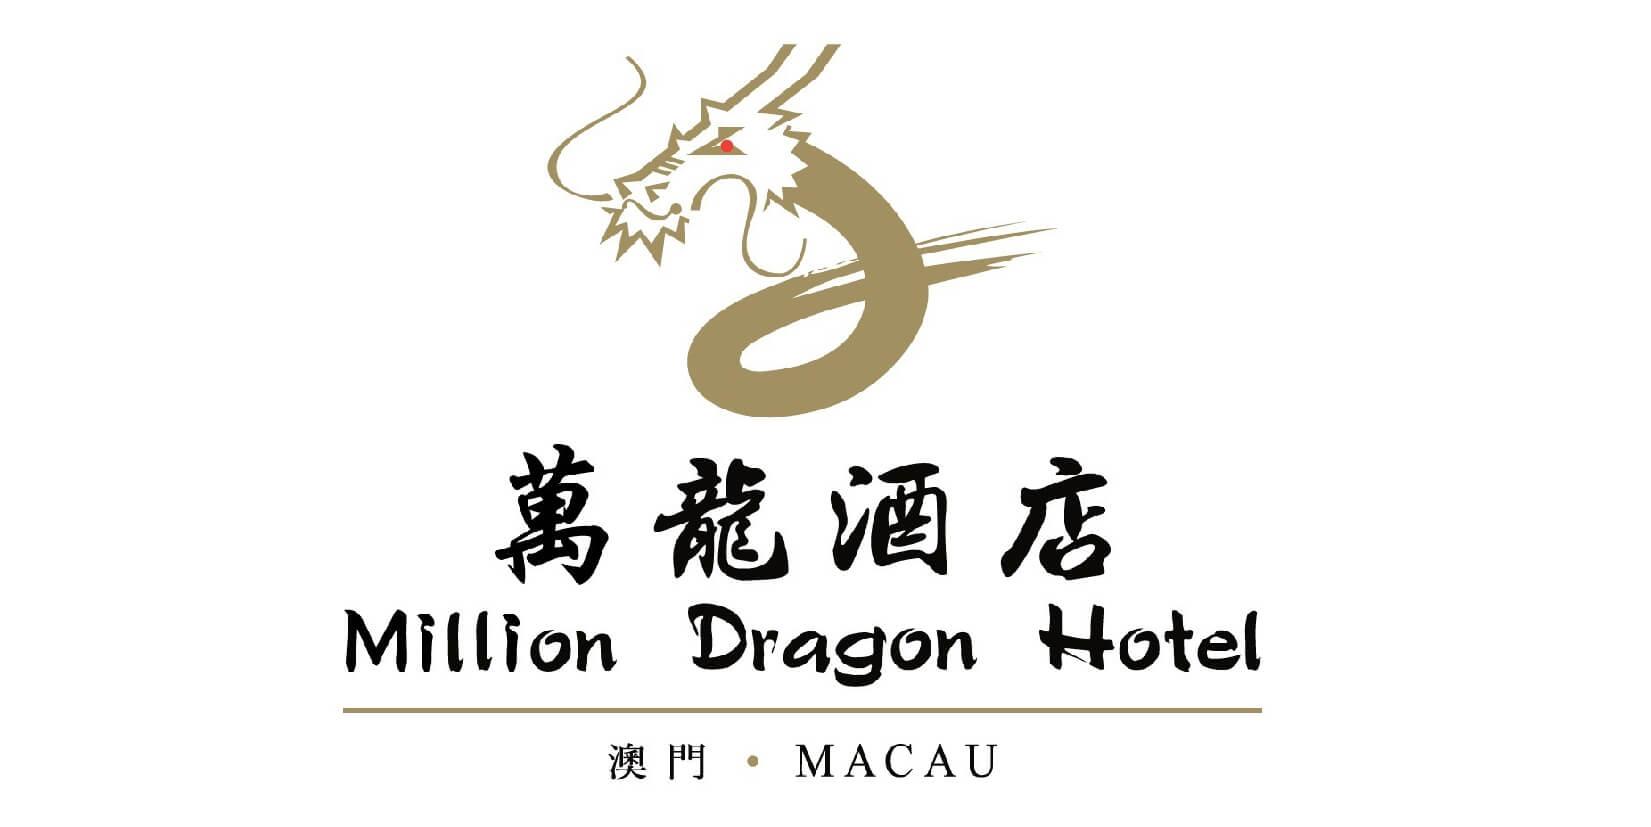 萬龍酒店 macau jobscall.me recruitment ad 澳門招聘-01.jpg